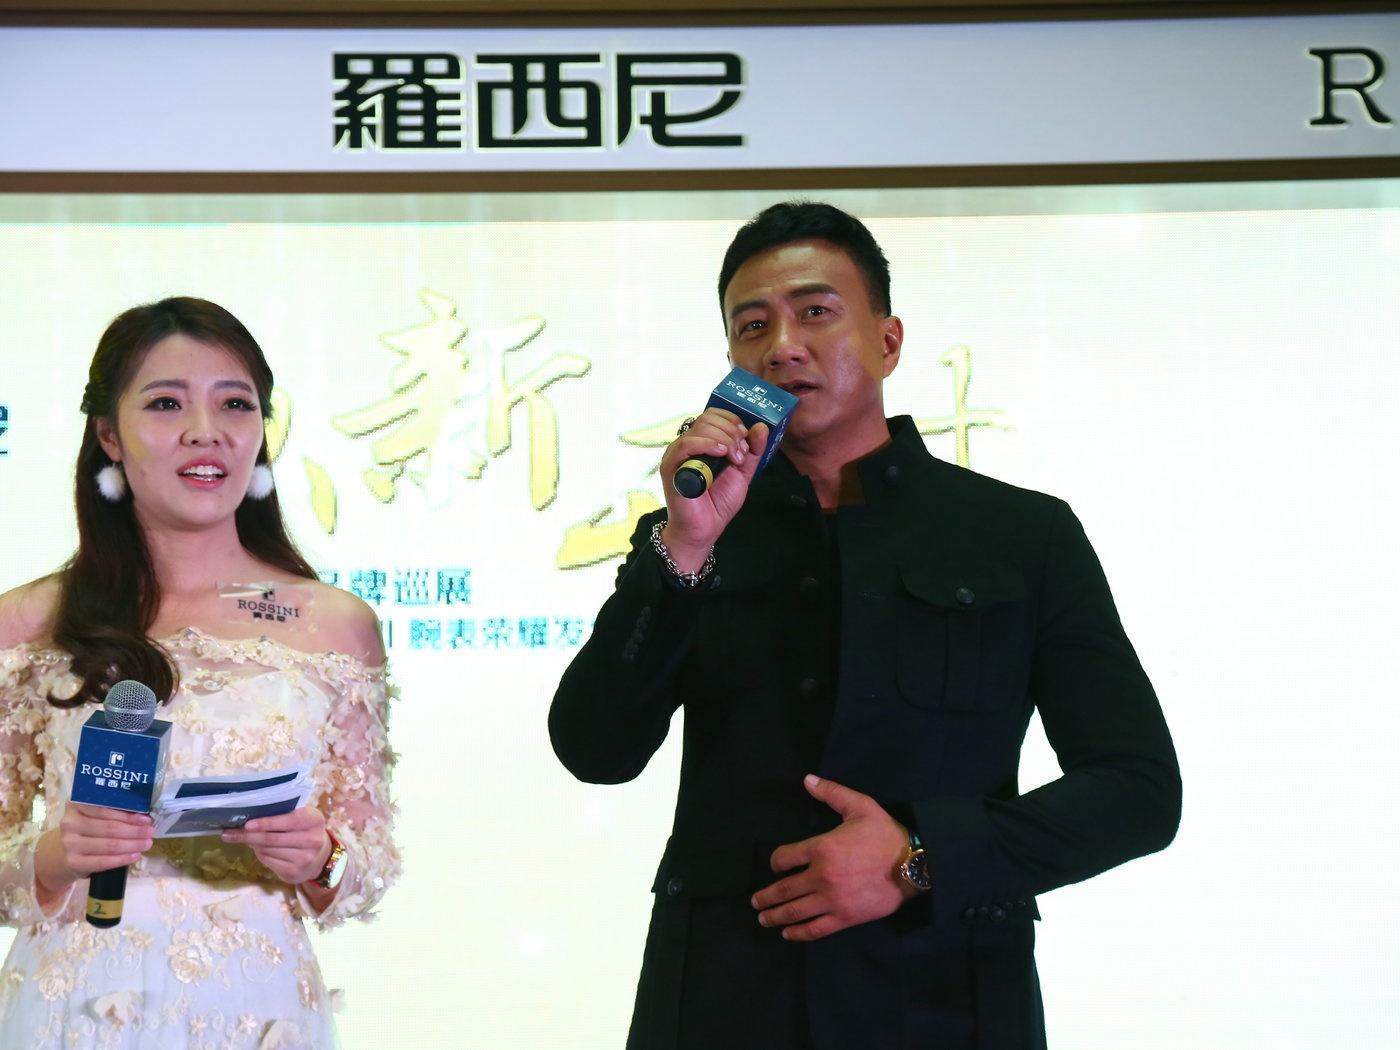 罗西尼表携品牌大使胡军亮相南京  勋章Ⅱ腕表耀世发售贺岁开年